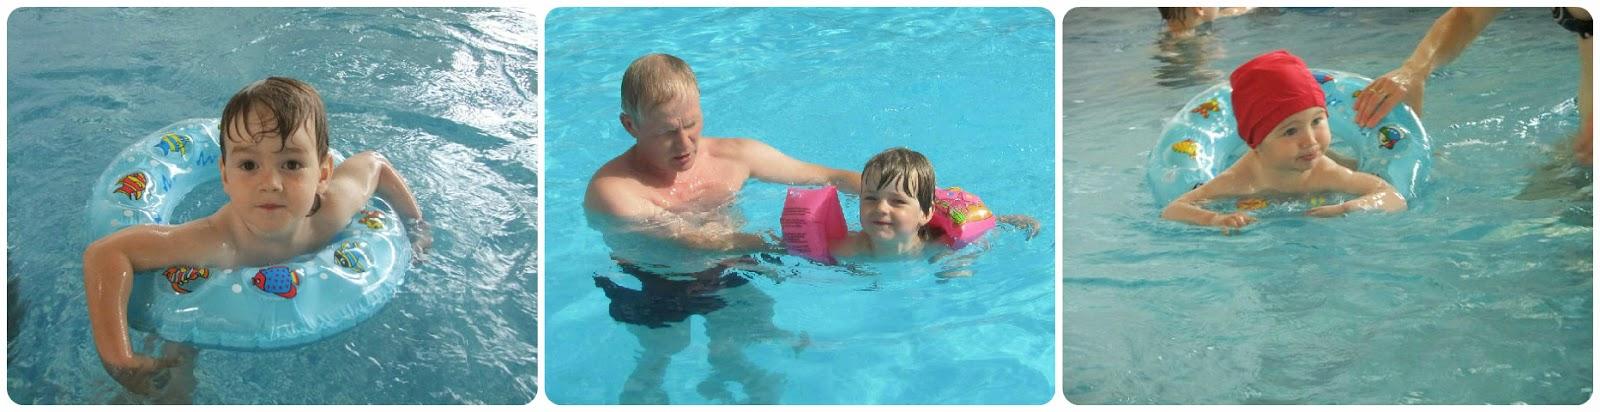 Дети в бассейне. Наш опыт.